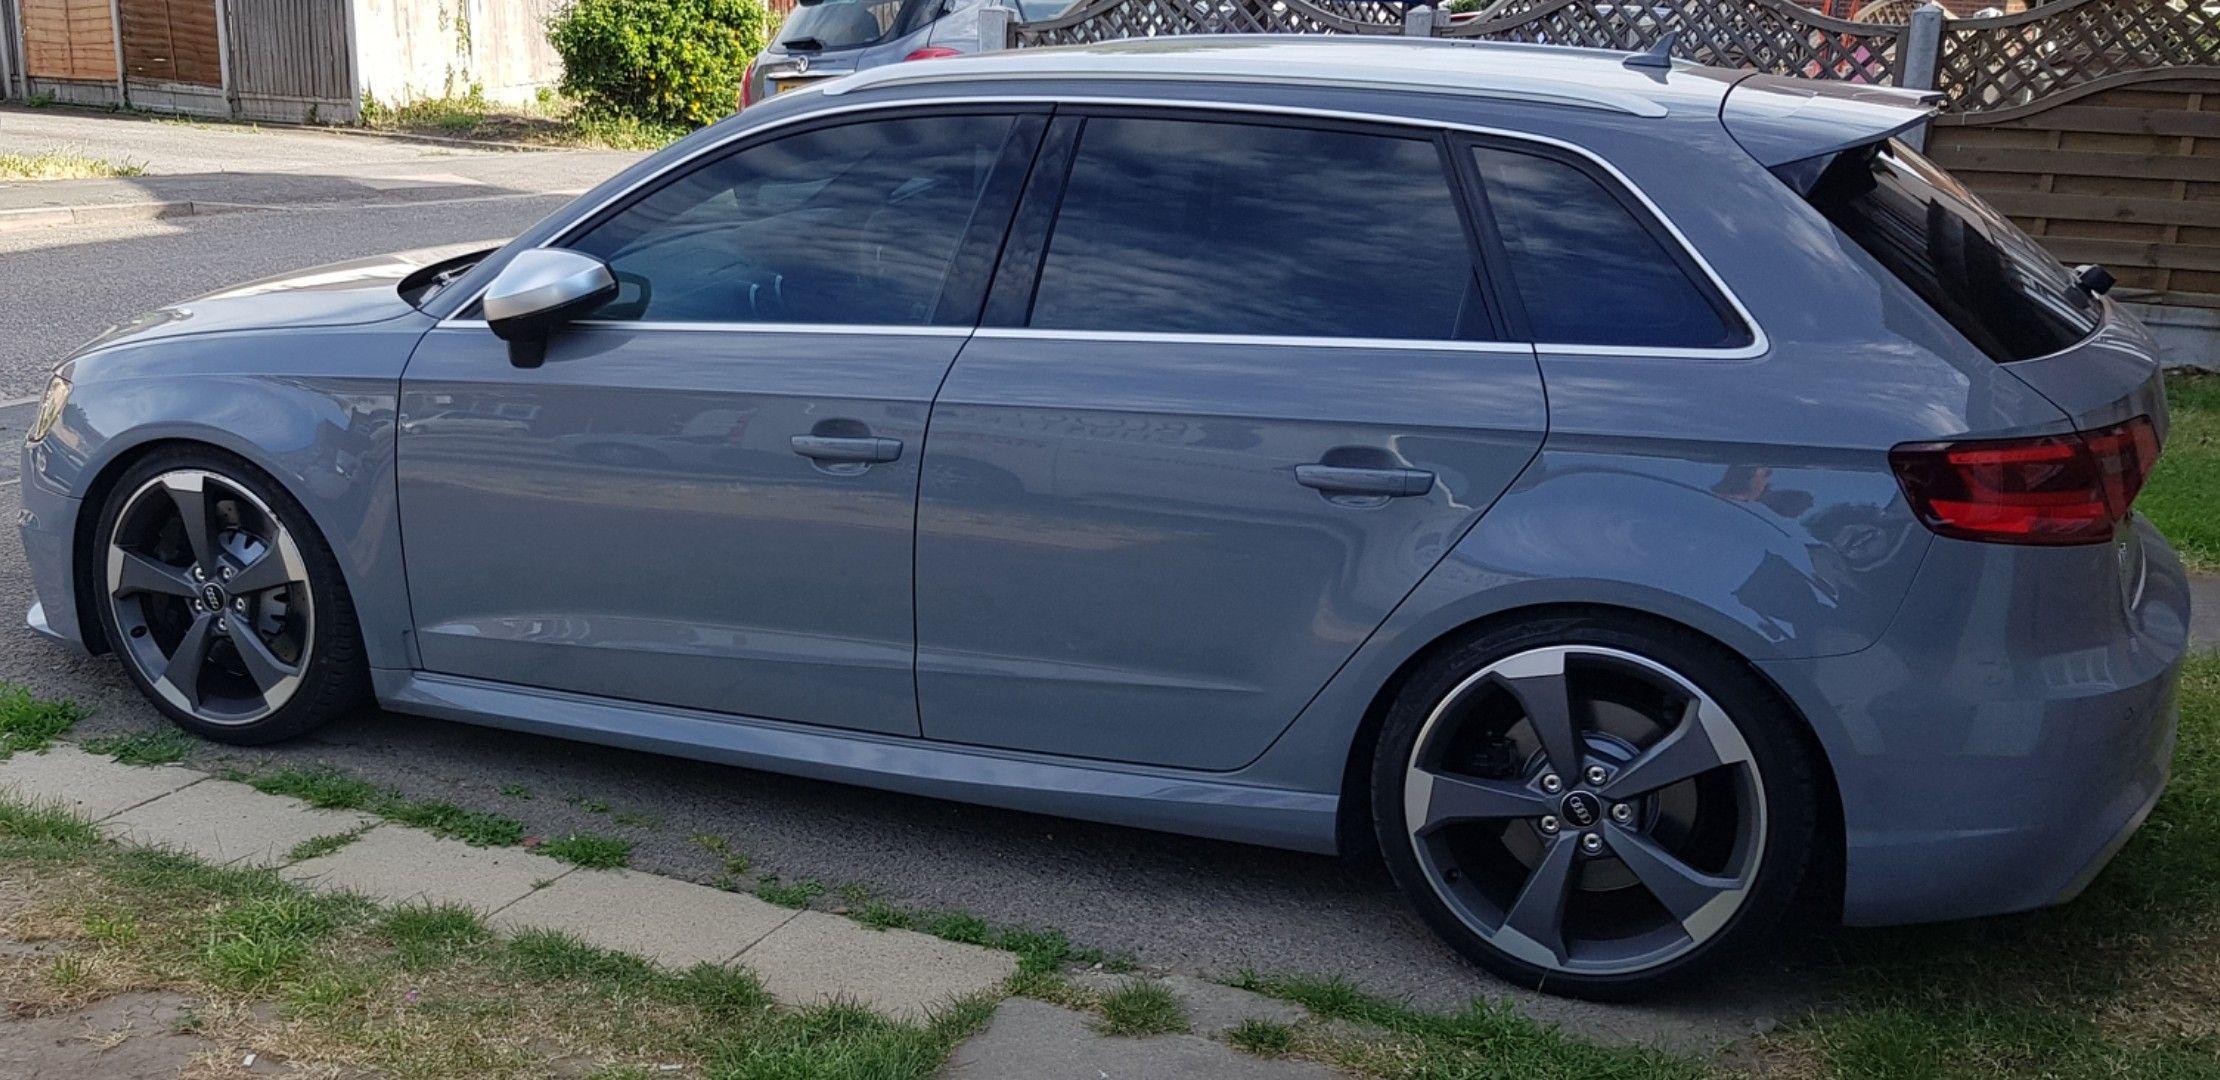 My nardo grey audi rs3 in 2020 | Audi rs3, Audi, Nardo grey